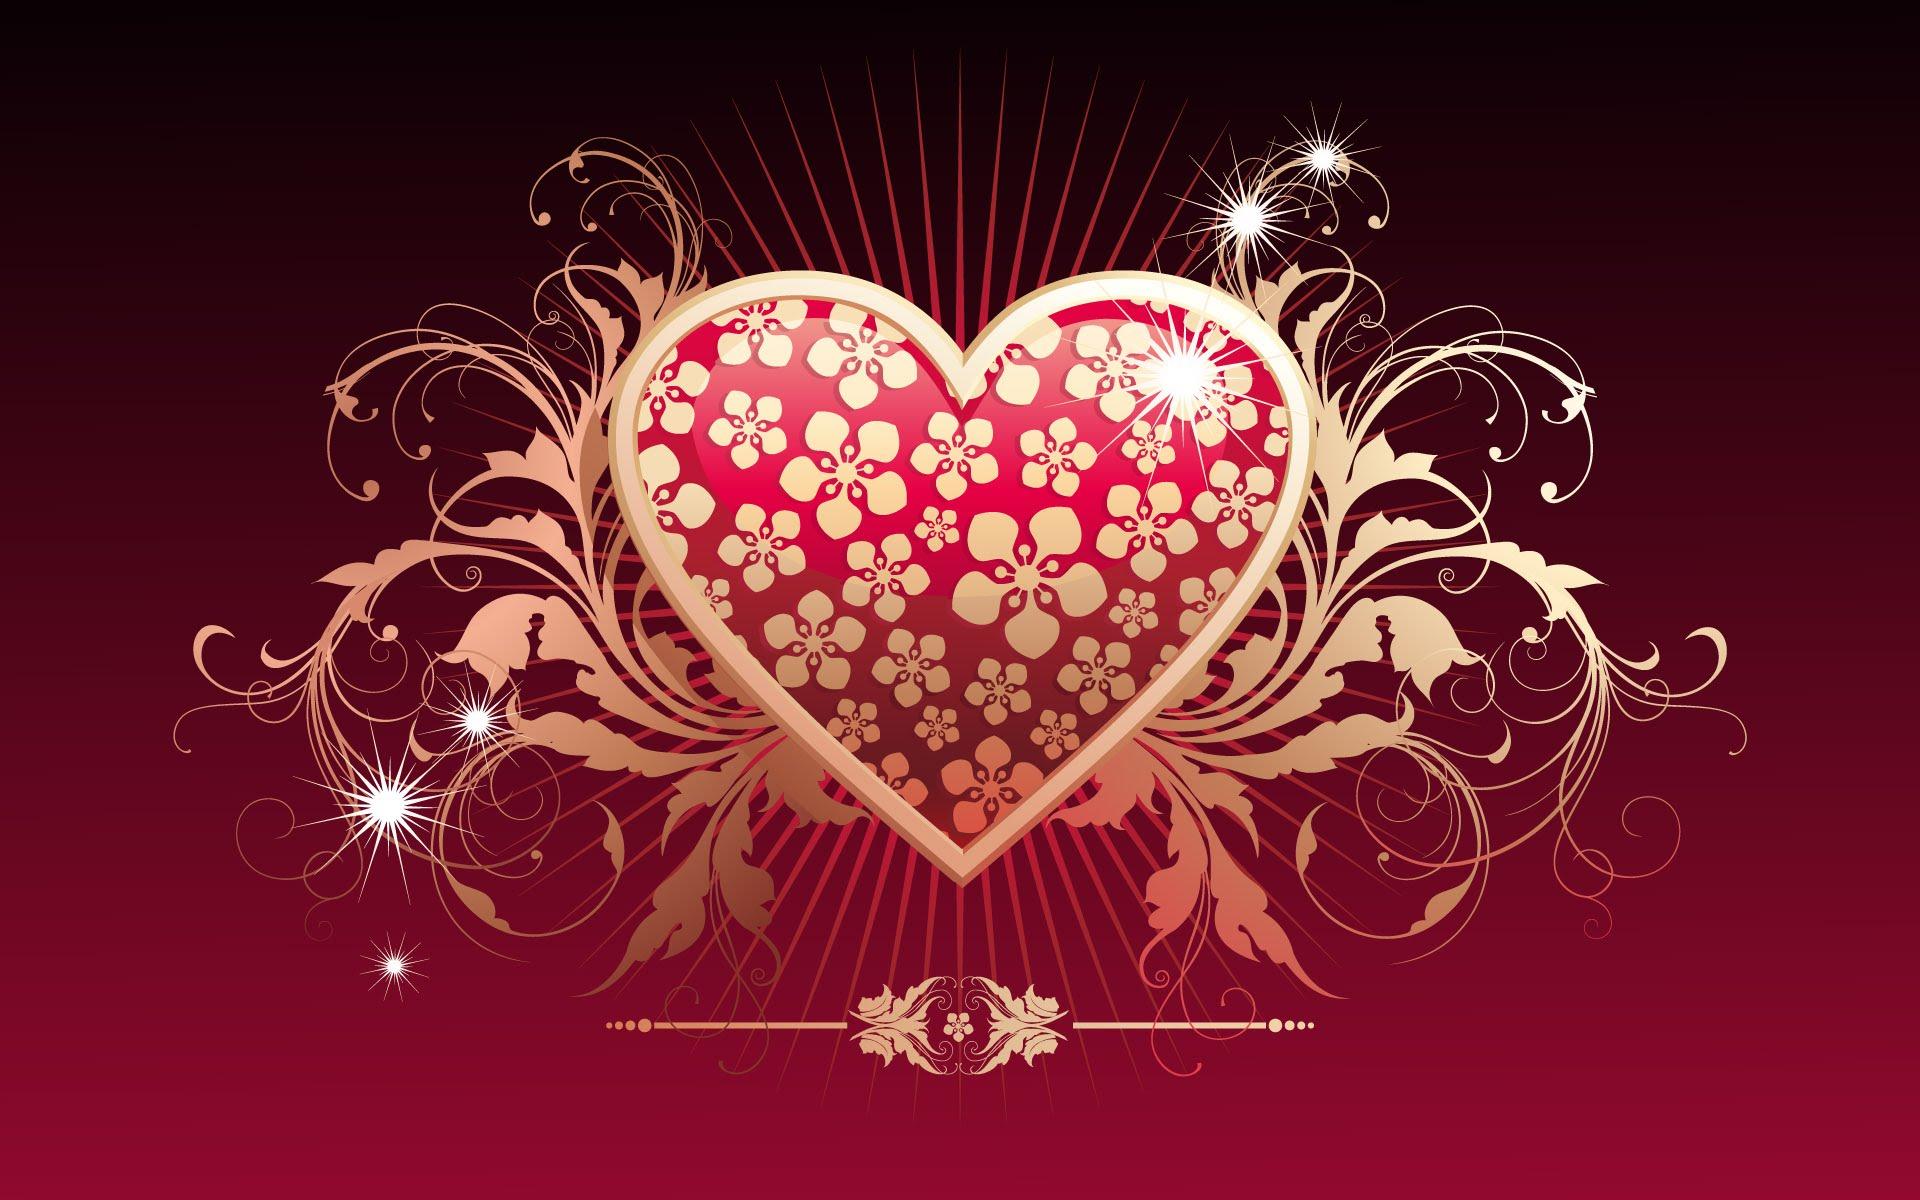 بالصور بوستات حب ورومانسية , اروع كلمات الحب 4461 11